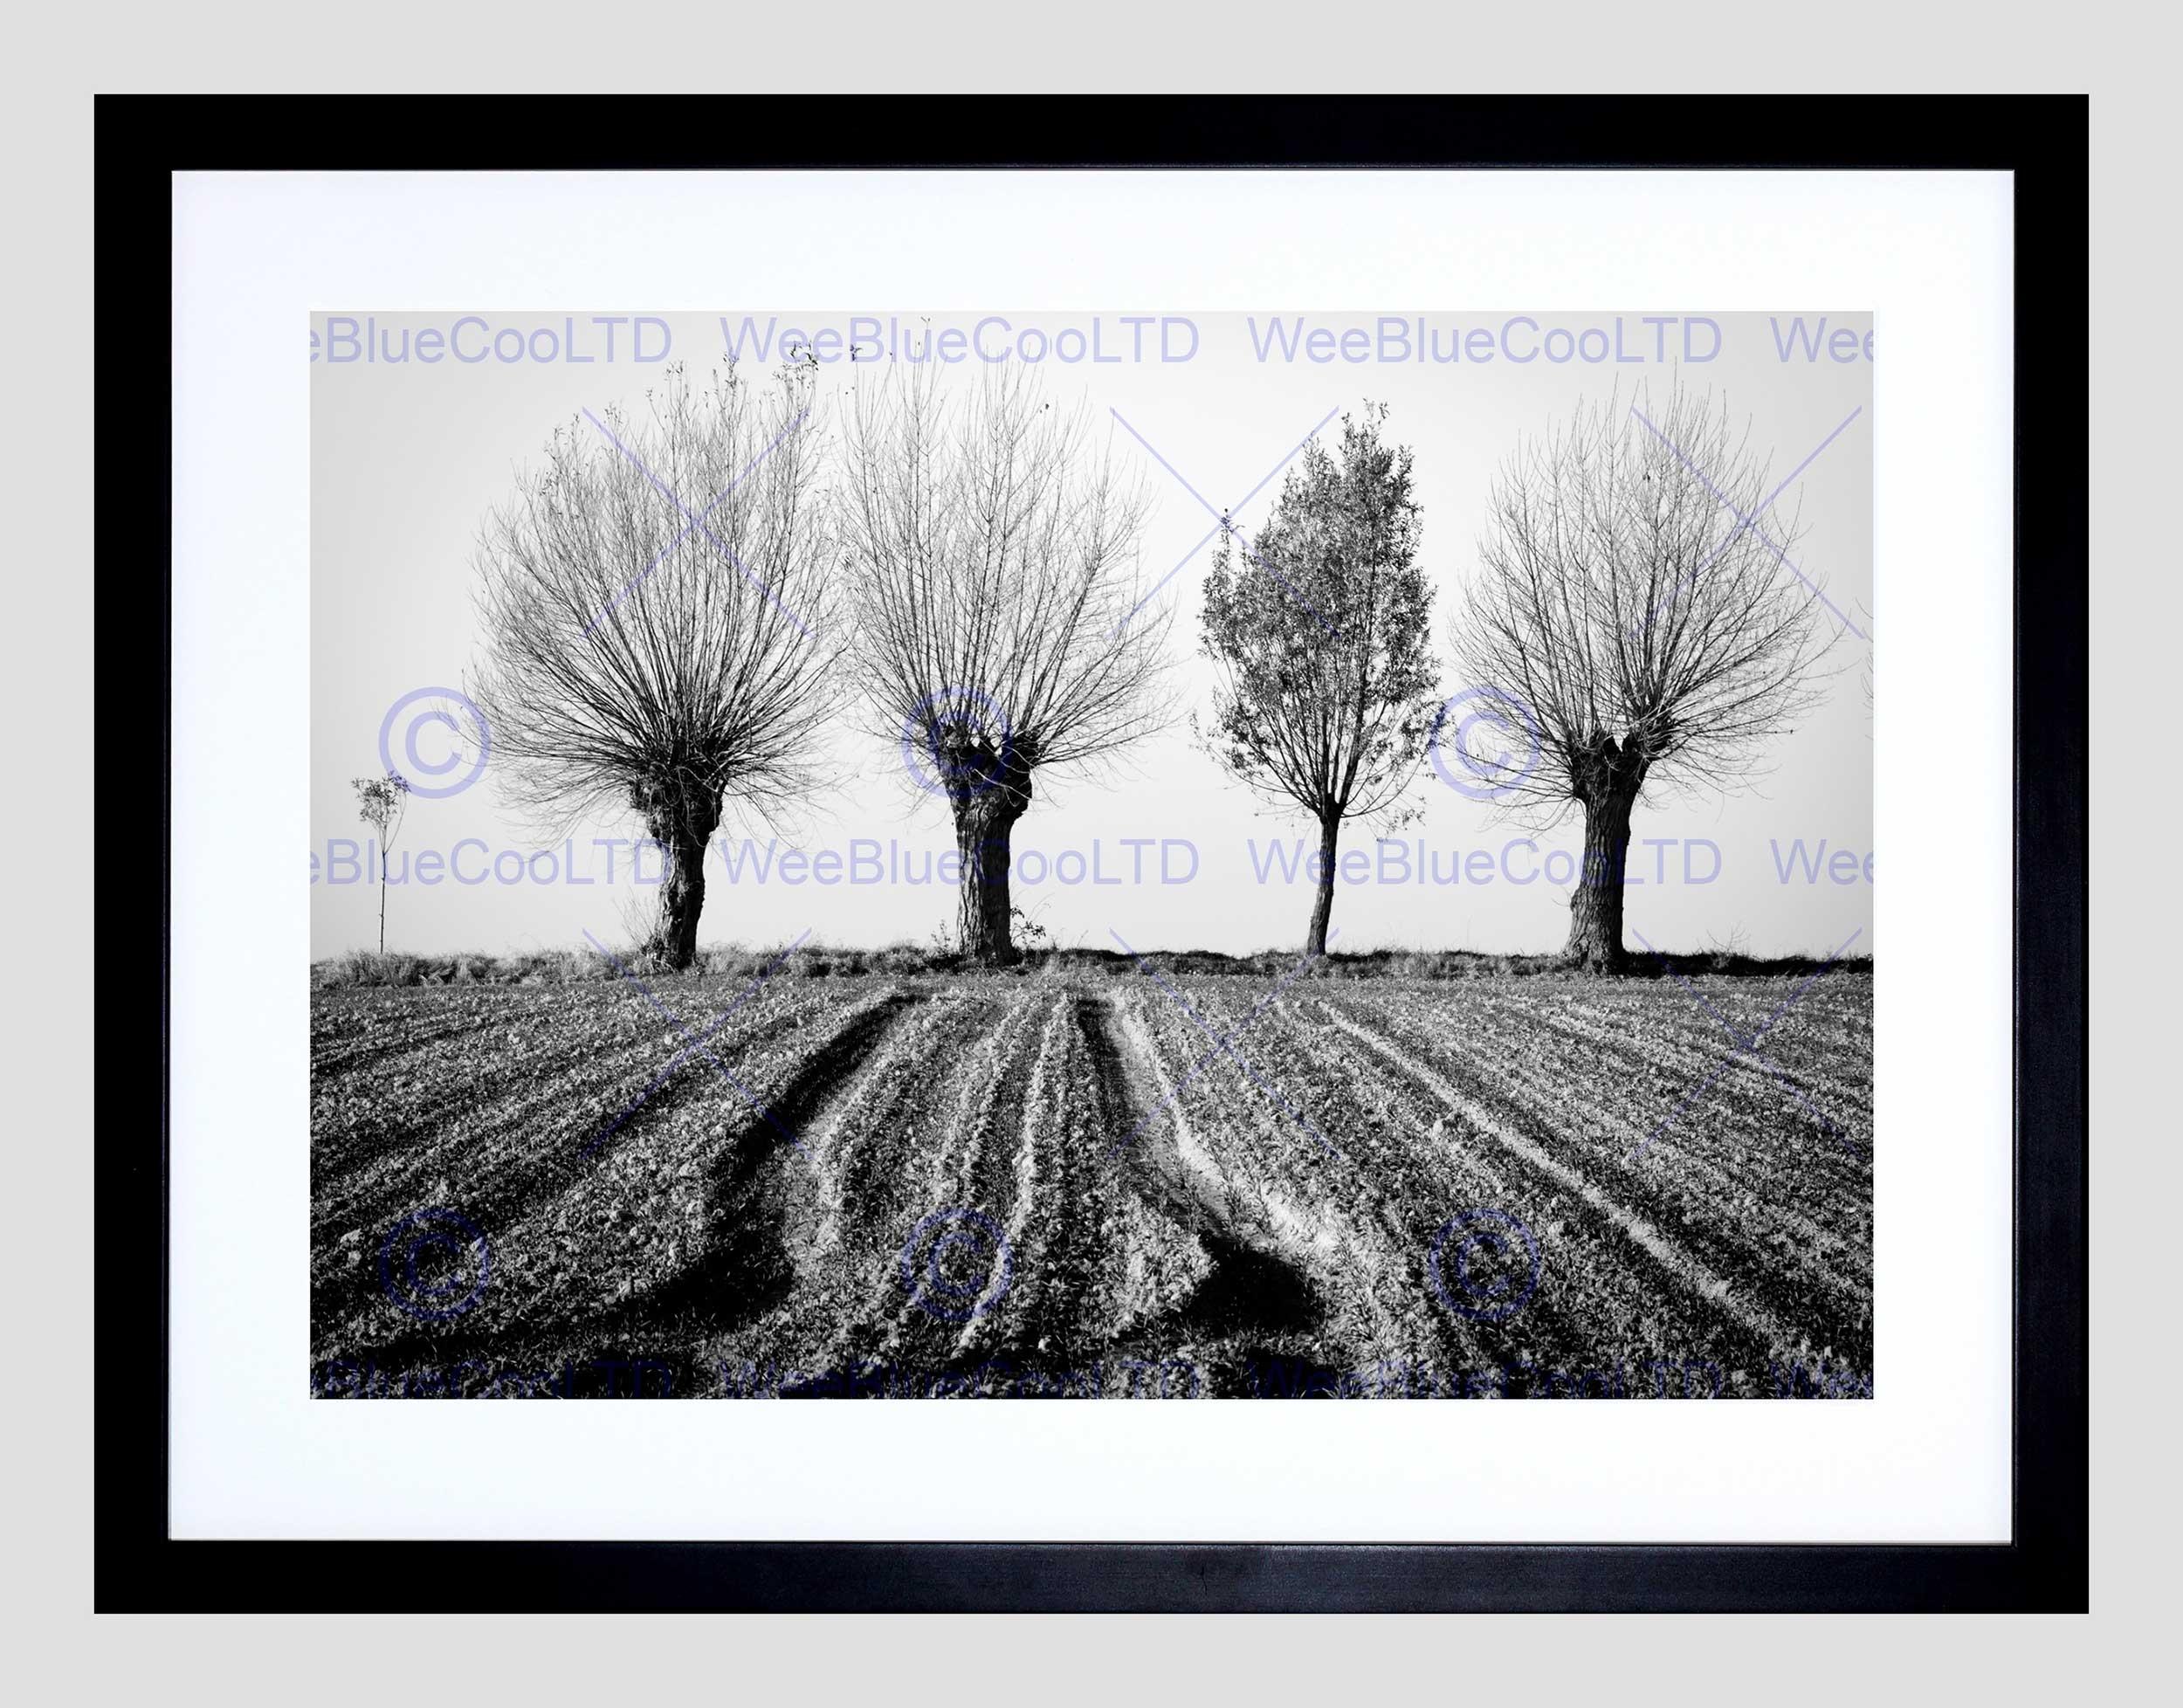 Trees Horizon Black White Black Frame Framed Art Print Picture Pertaining To 2017 Black Framed Art Prints (View 14 of 15)